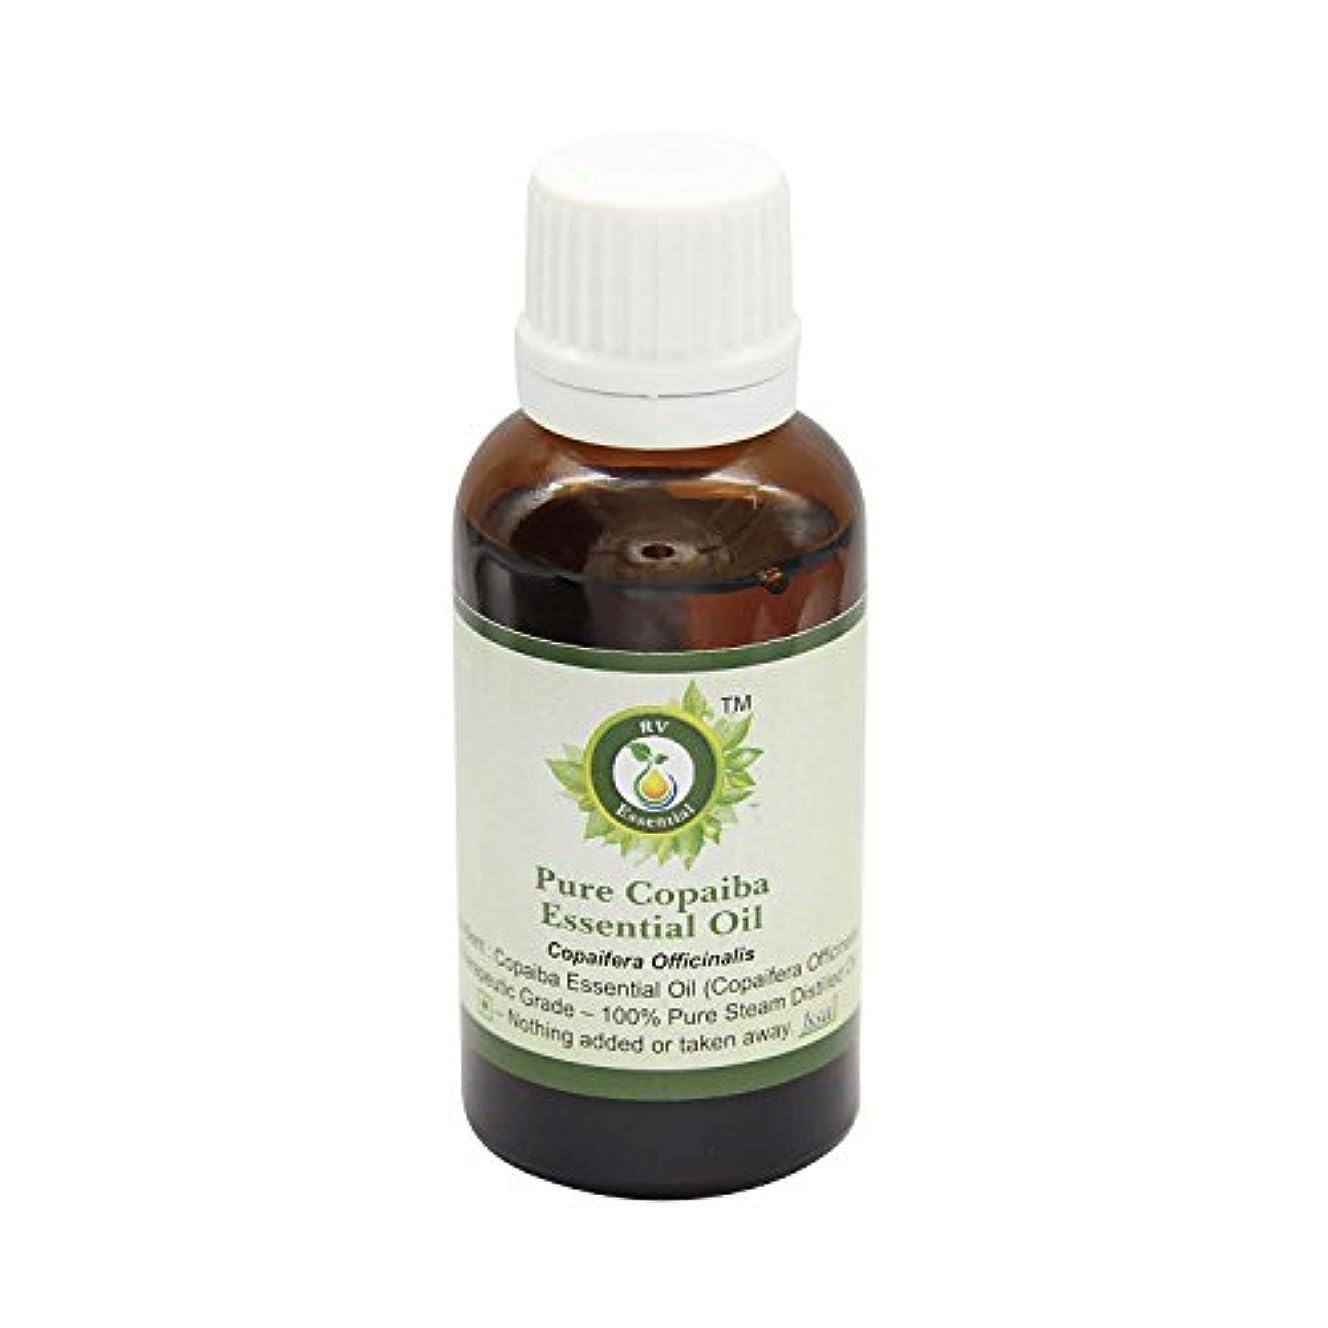 人類うめき声満足R V Essential ピュアコパイバエッセンシャルオイル15ml (0.507oz)- Copaifera Officinalis (100%純粋&天然スチームDistilled) Pure Copaiba Essential...